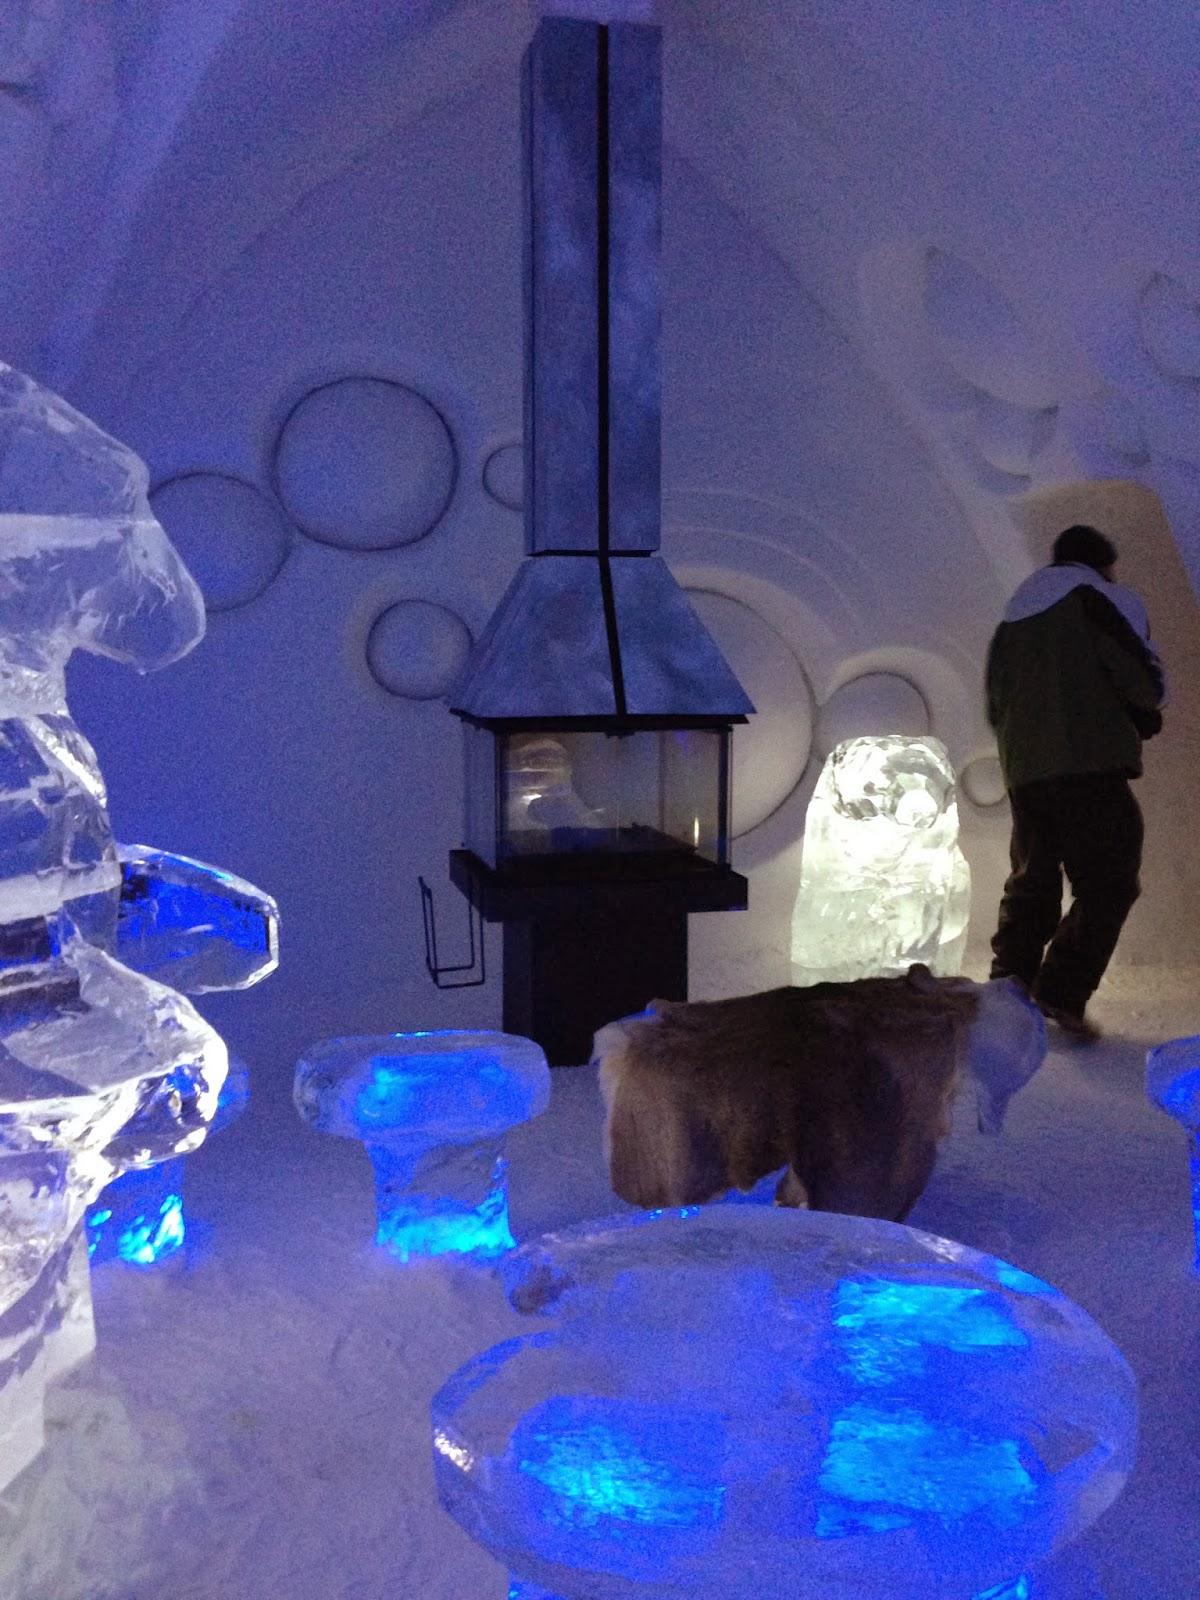 Hotel De Glace ice suite